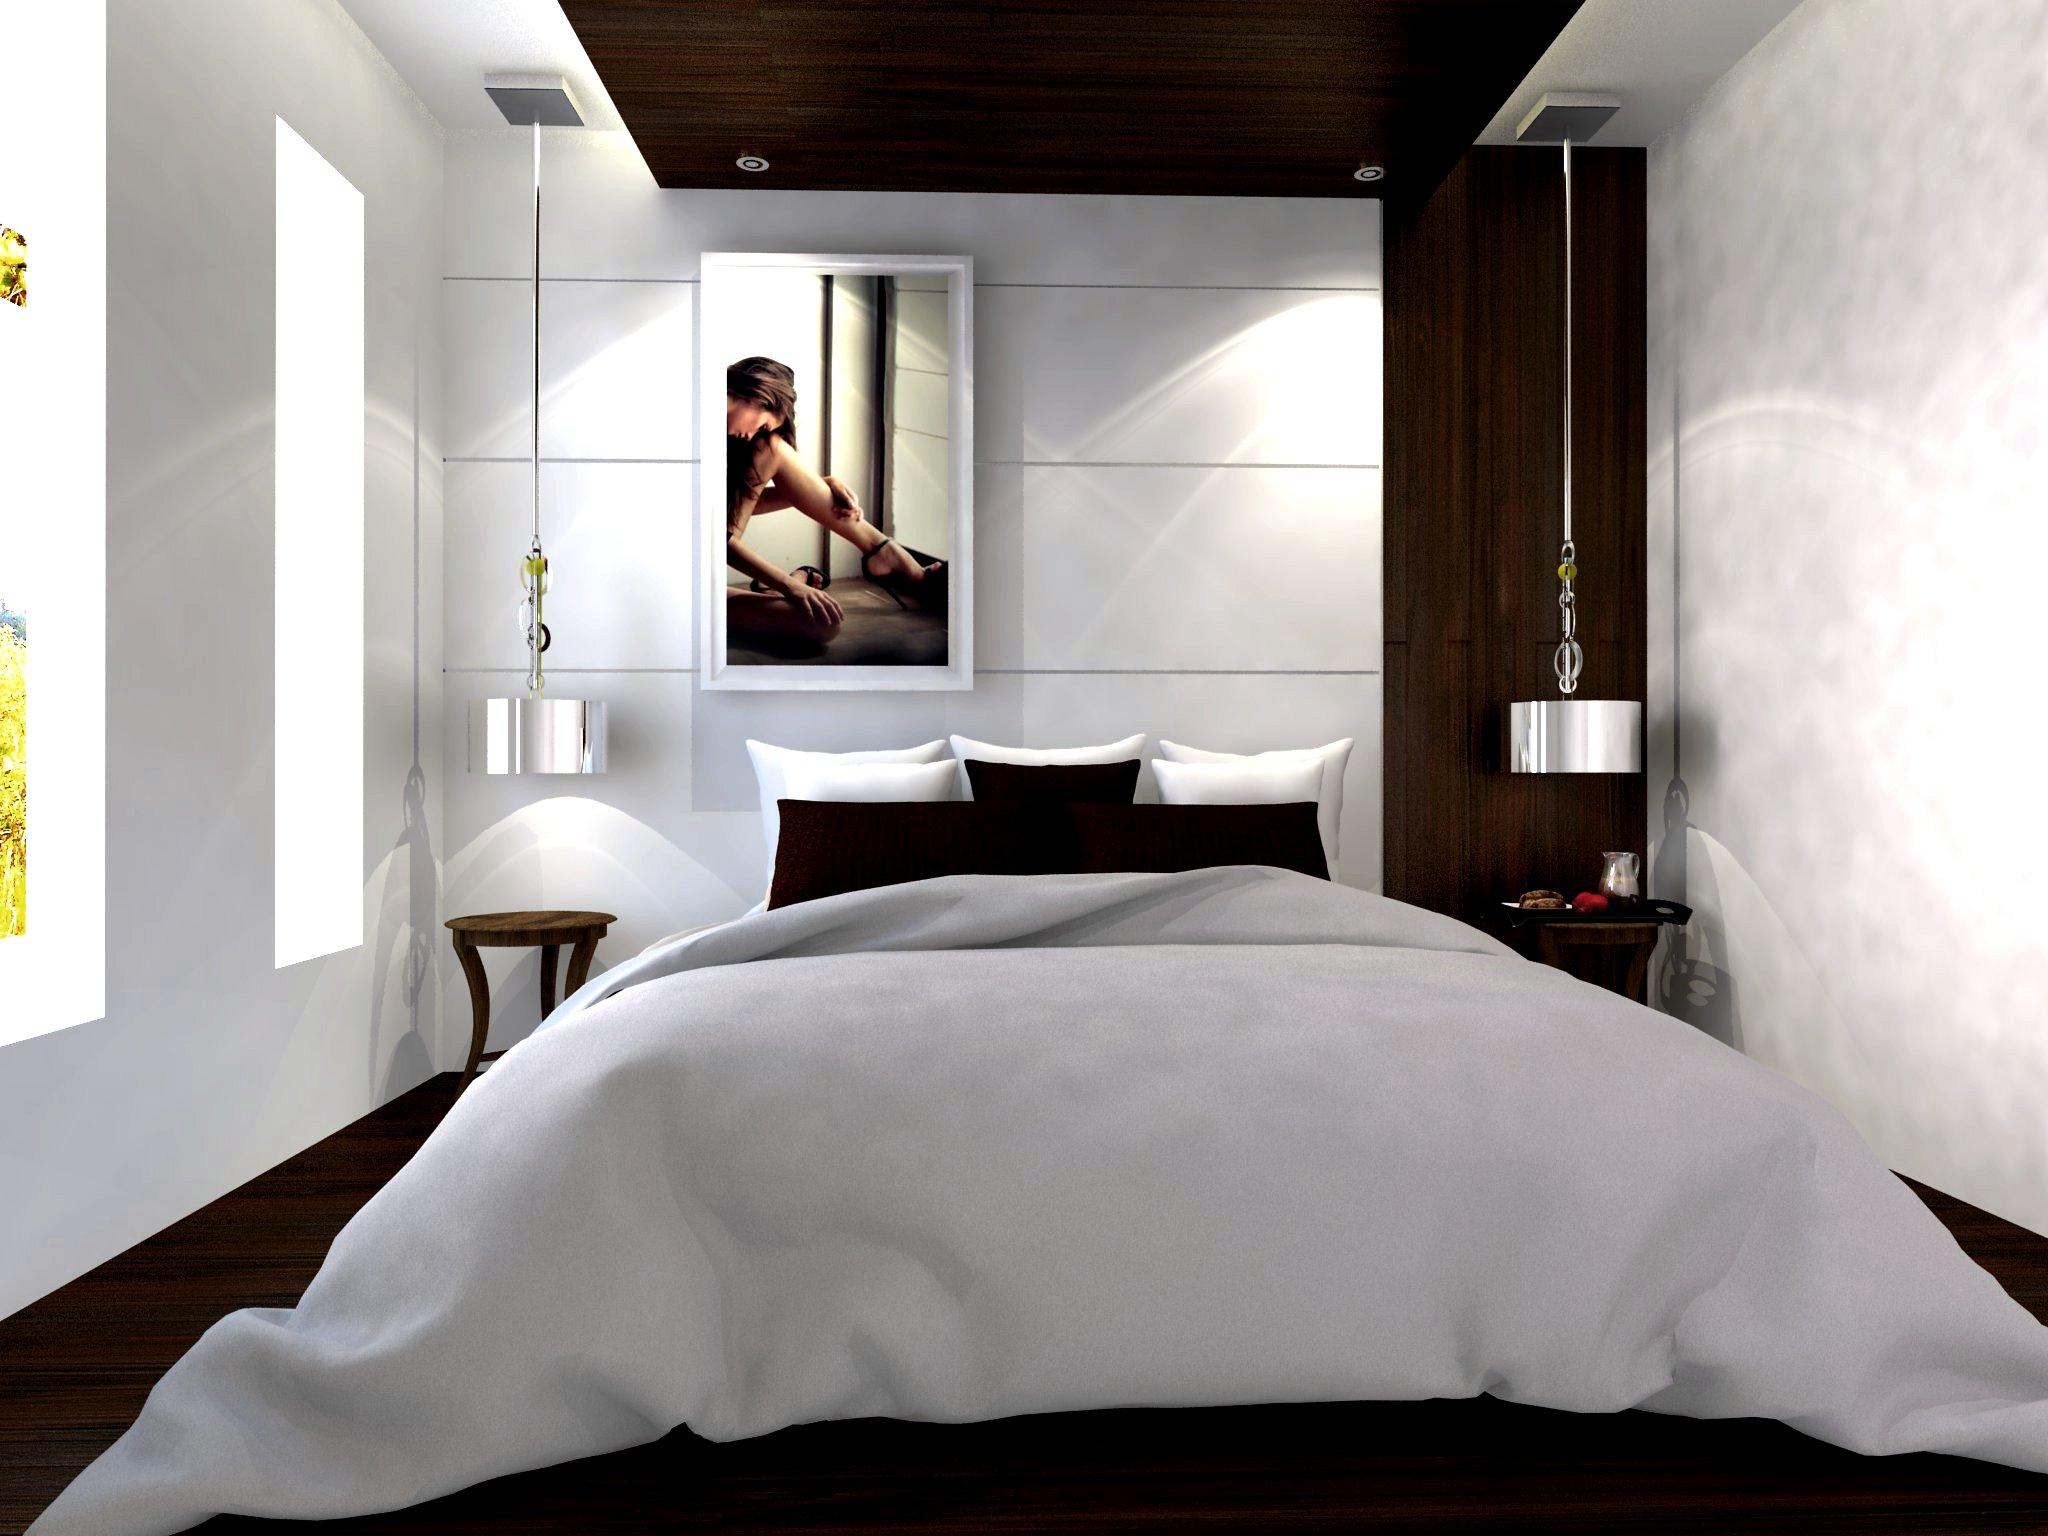 Interior desain apartemen di gunung sahari, jakarta utara